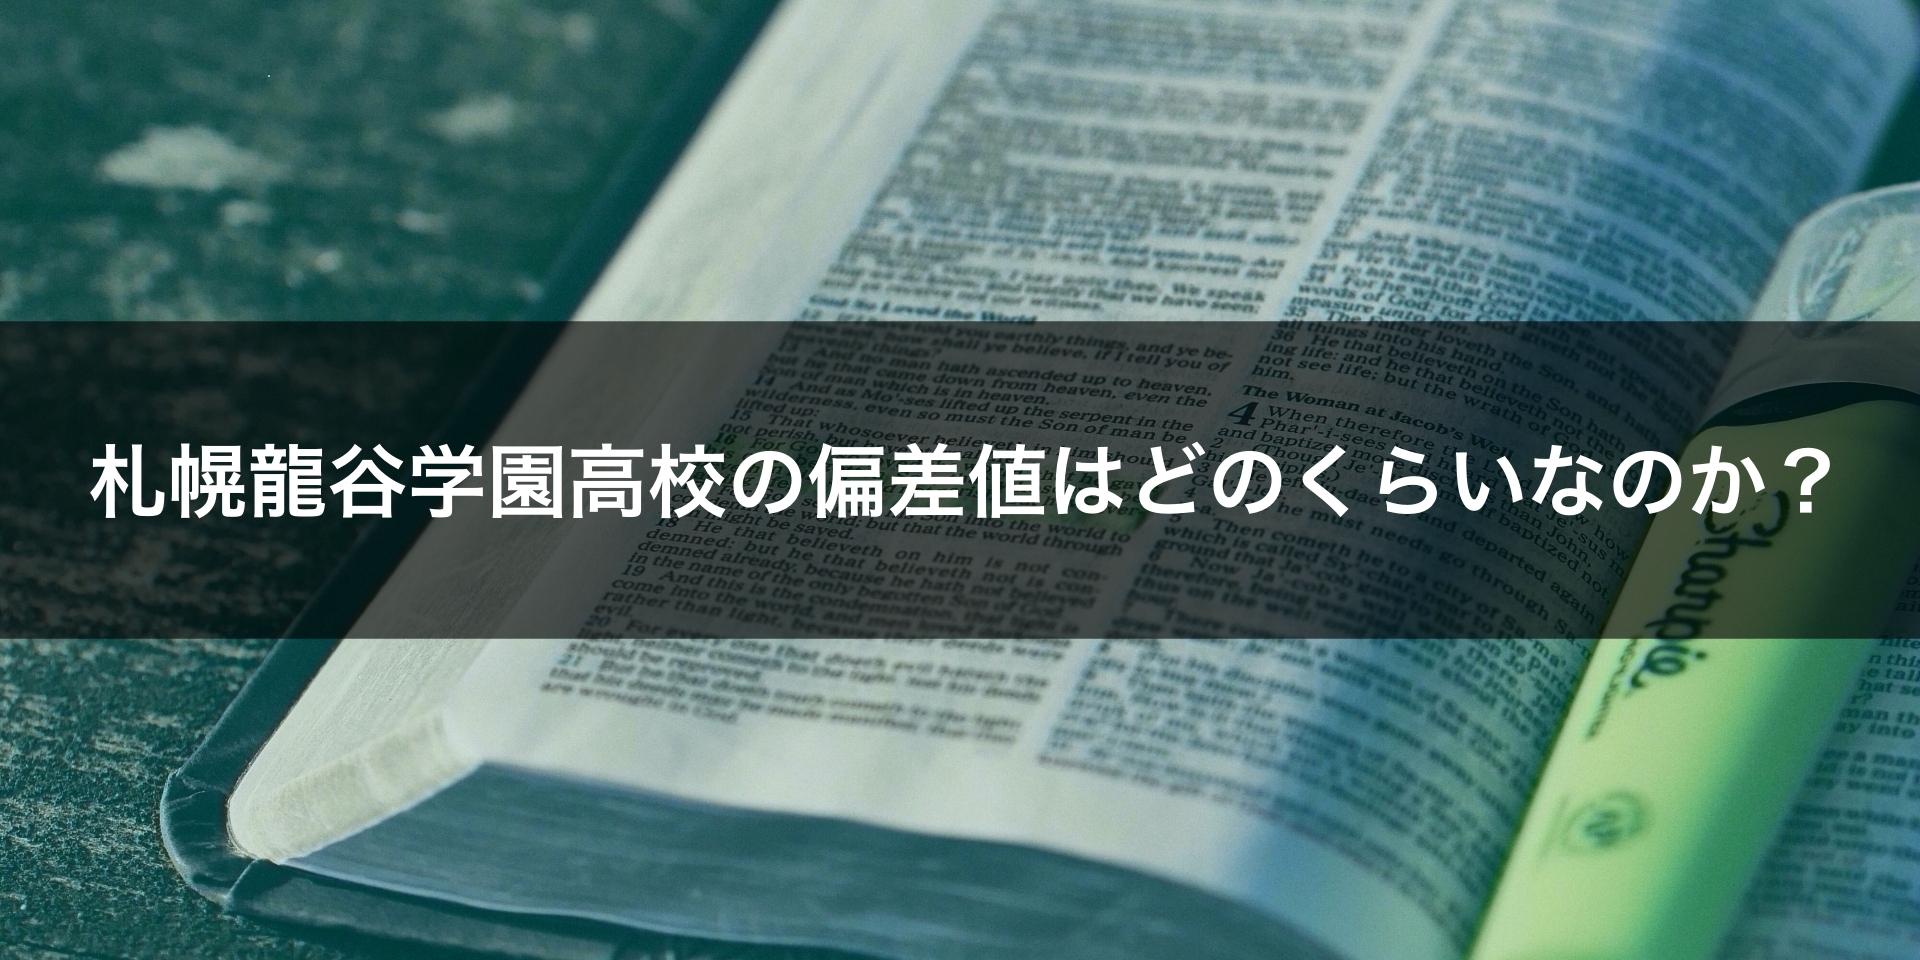 札幌龍谷学園高校の偏差値はどのくらいなのか?